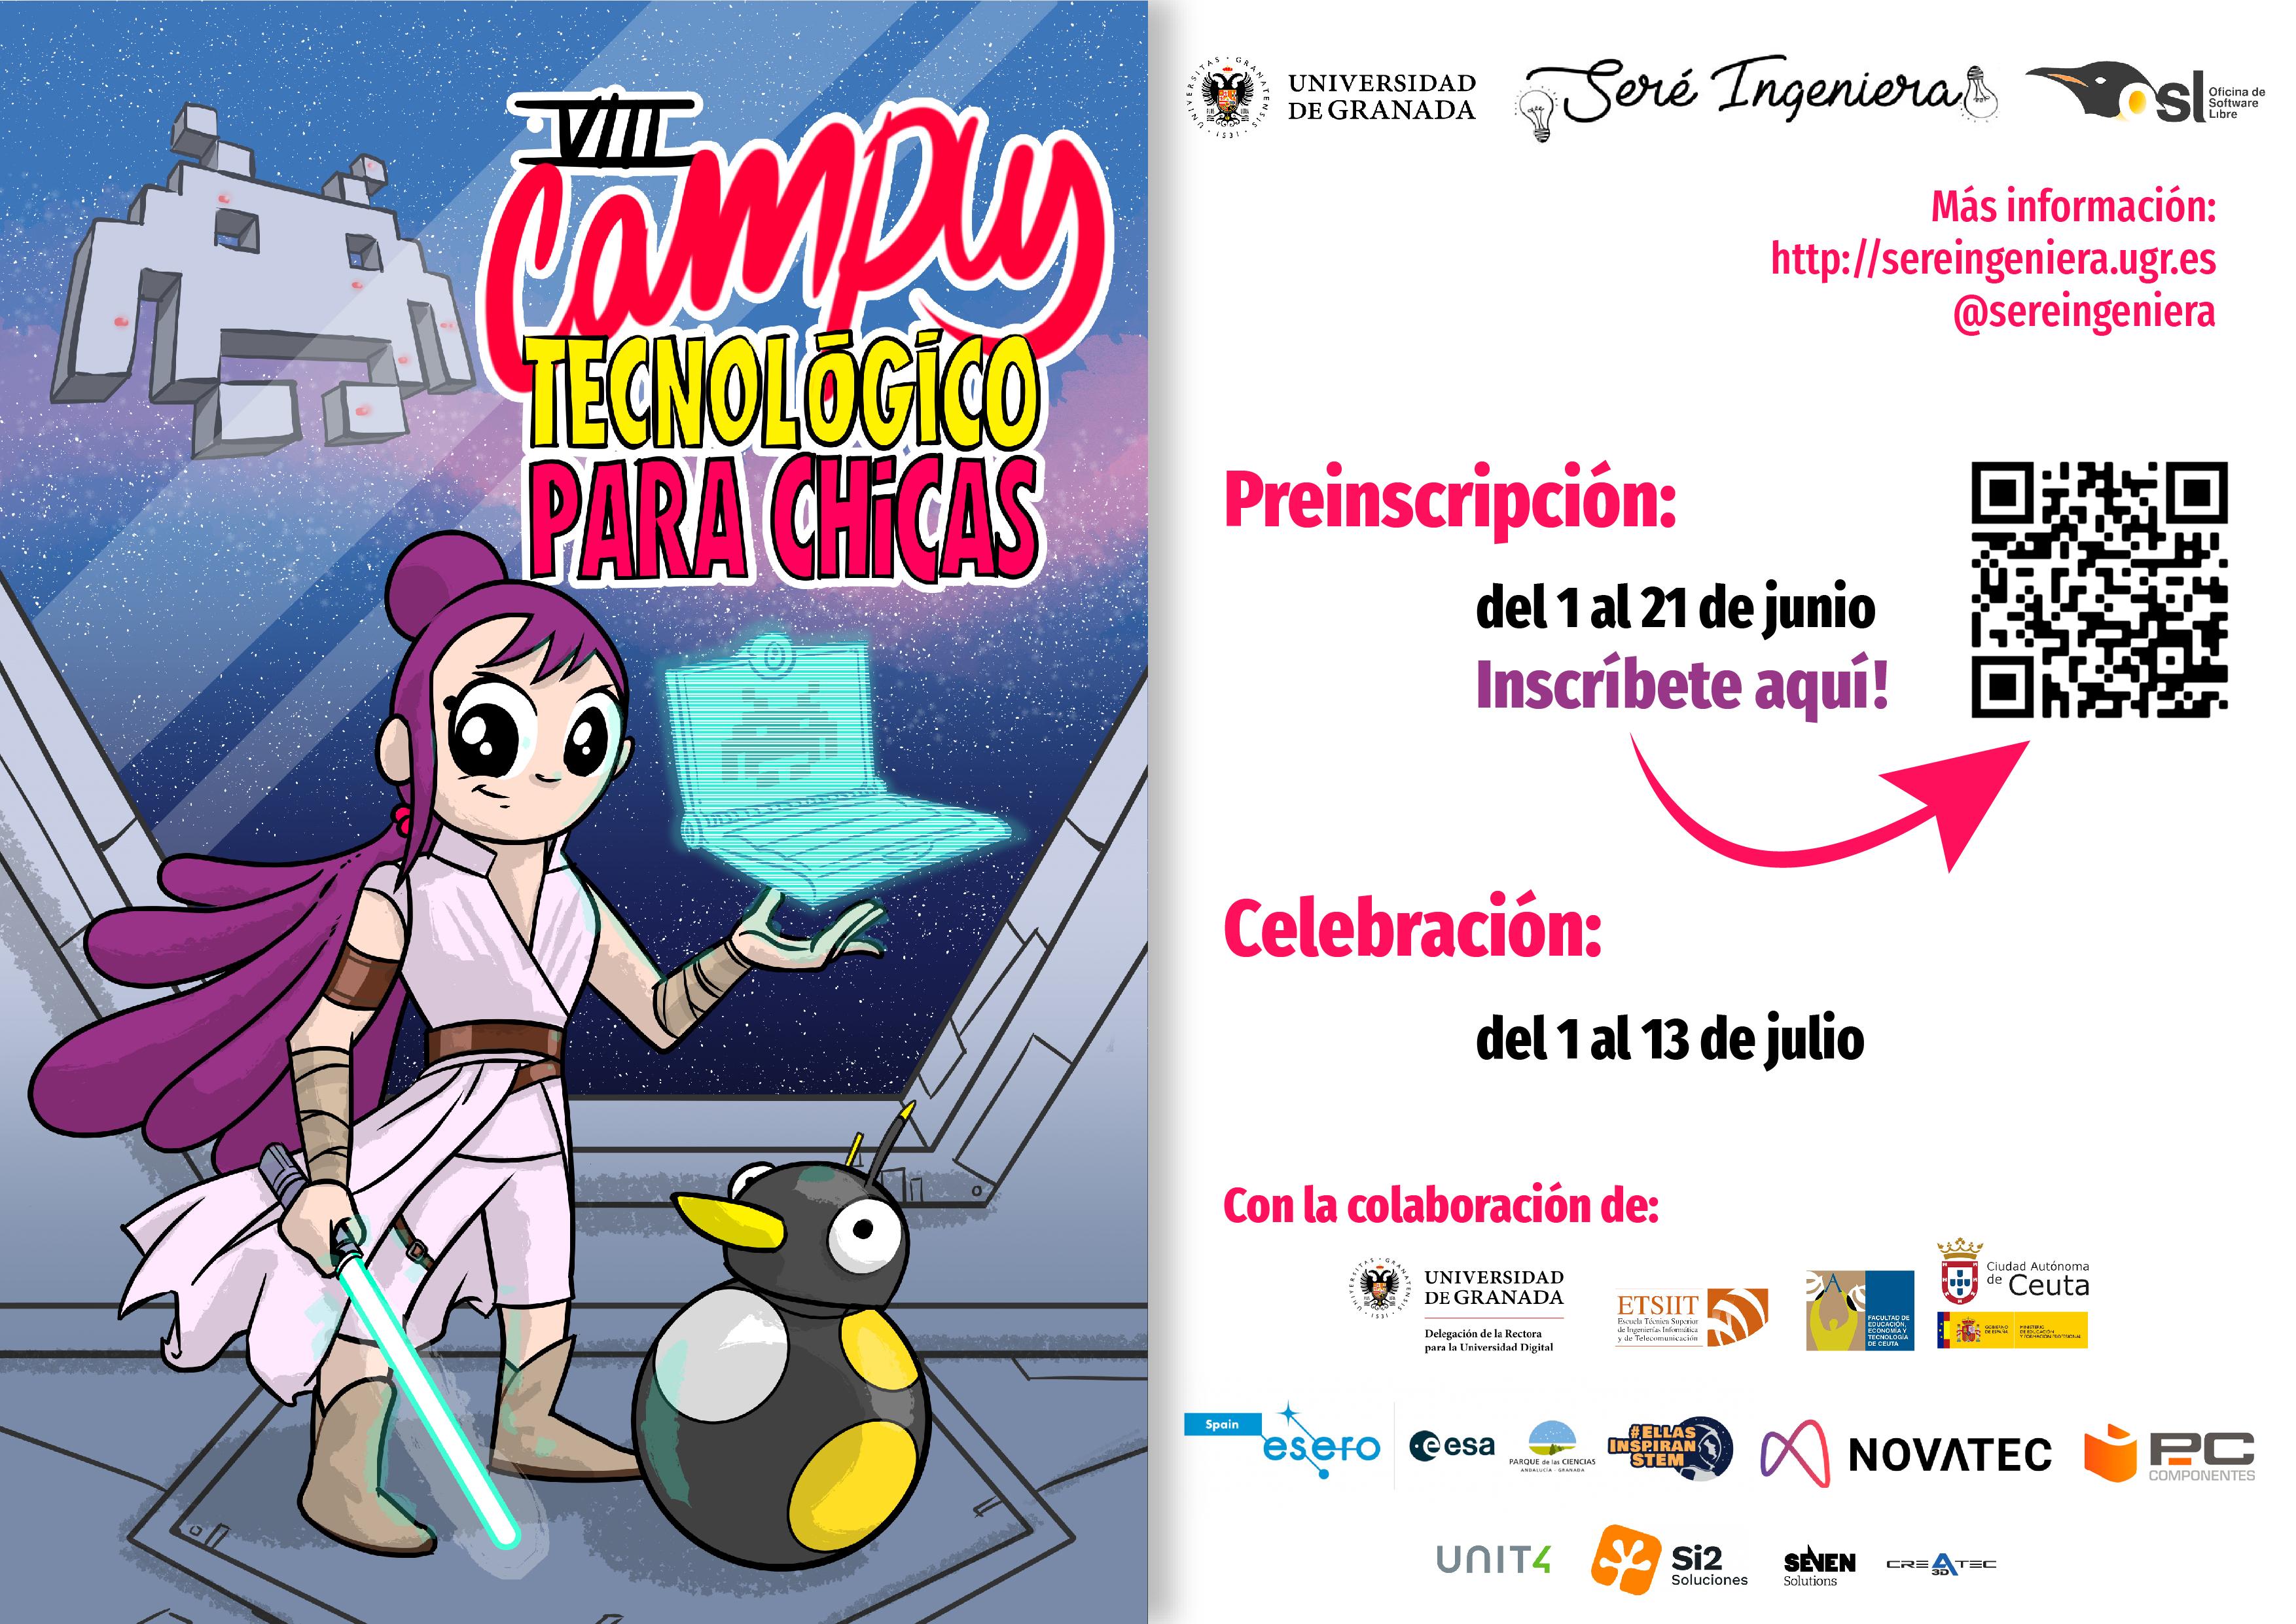 Abierto el plazo de inscripción para el VIII Campus Tecnológico para Chicas con sedes en Granada y Ceuta de la UGR